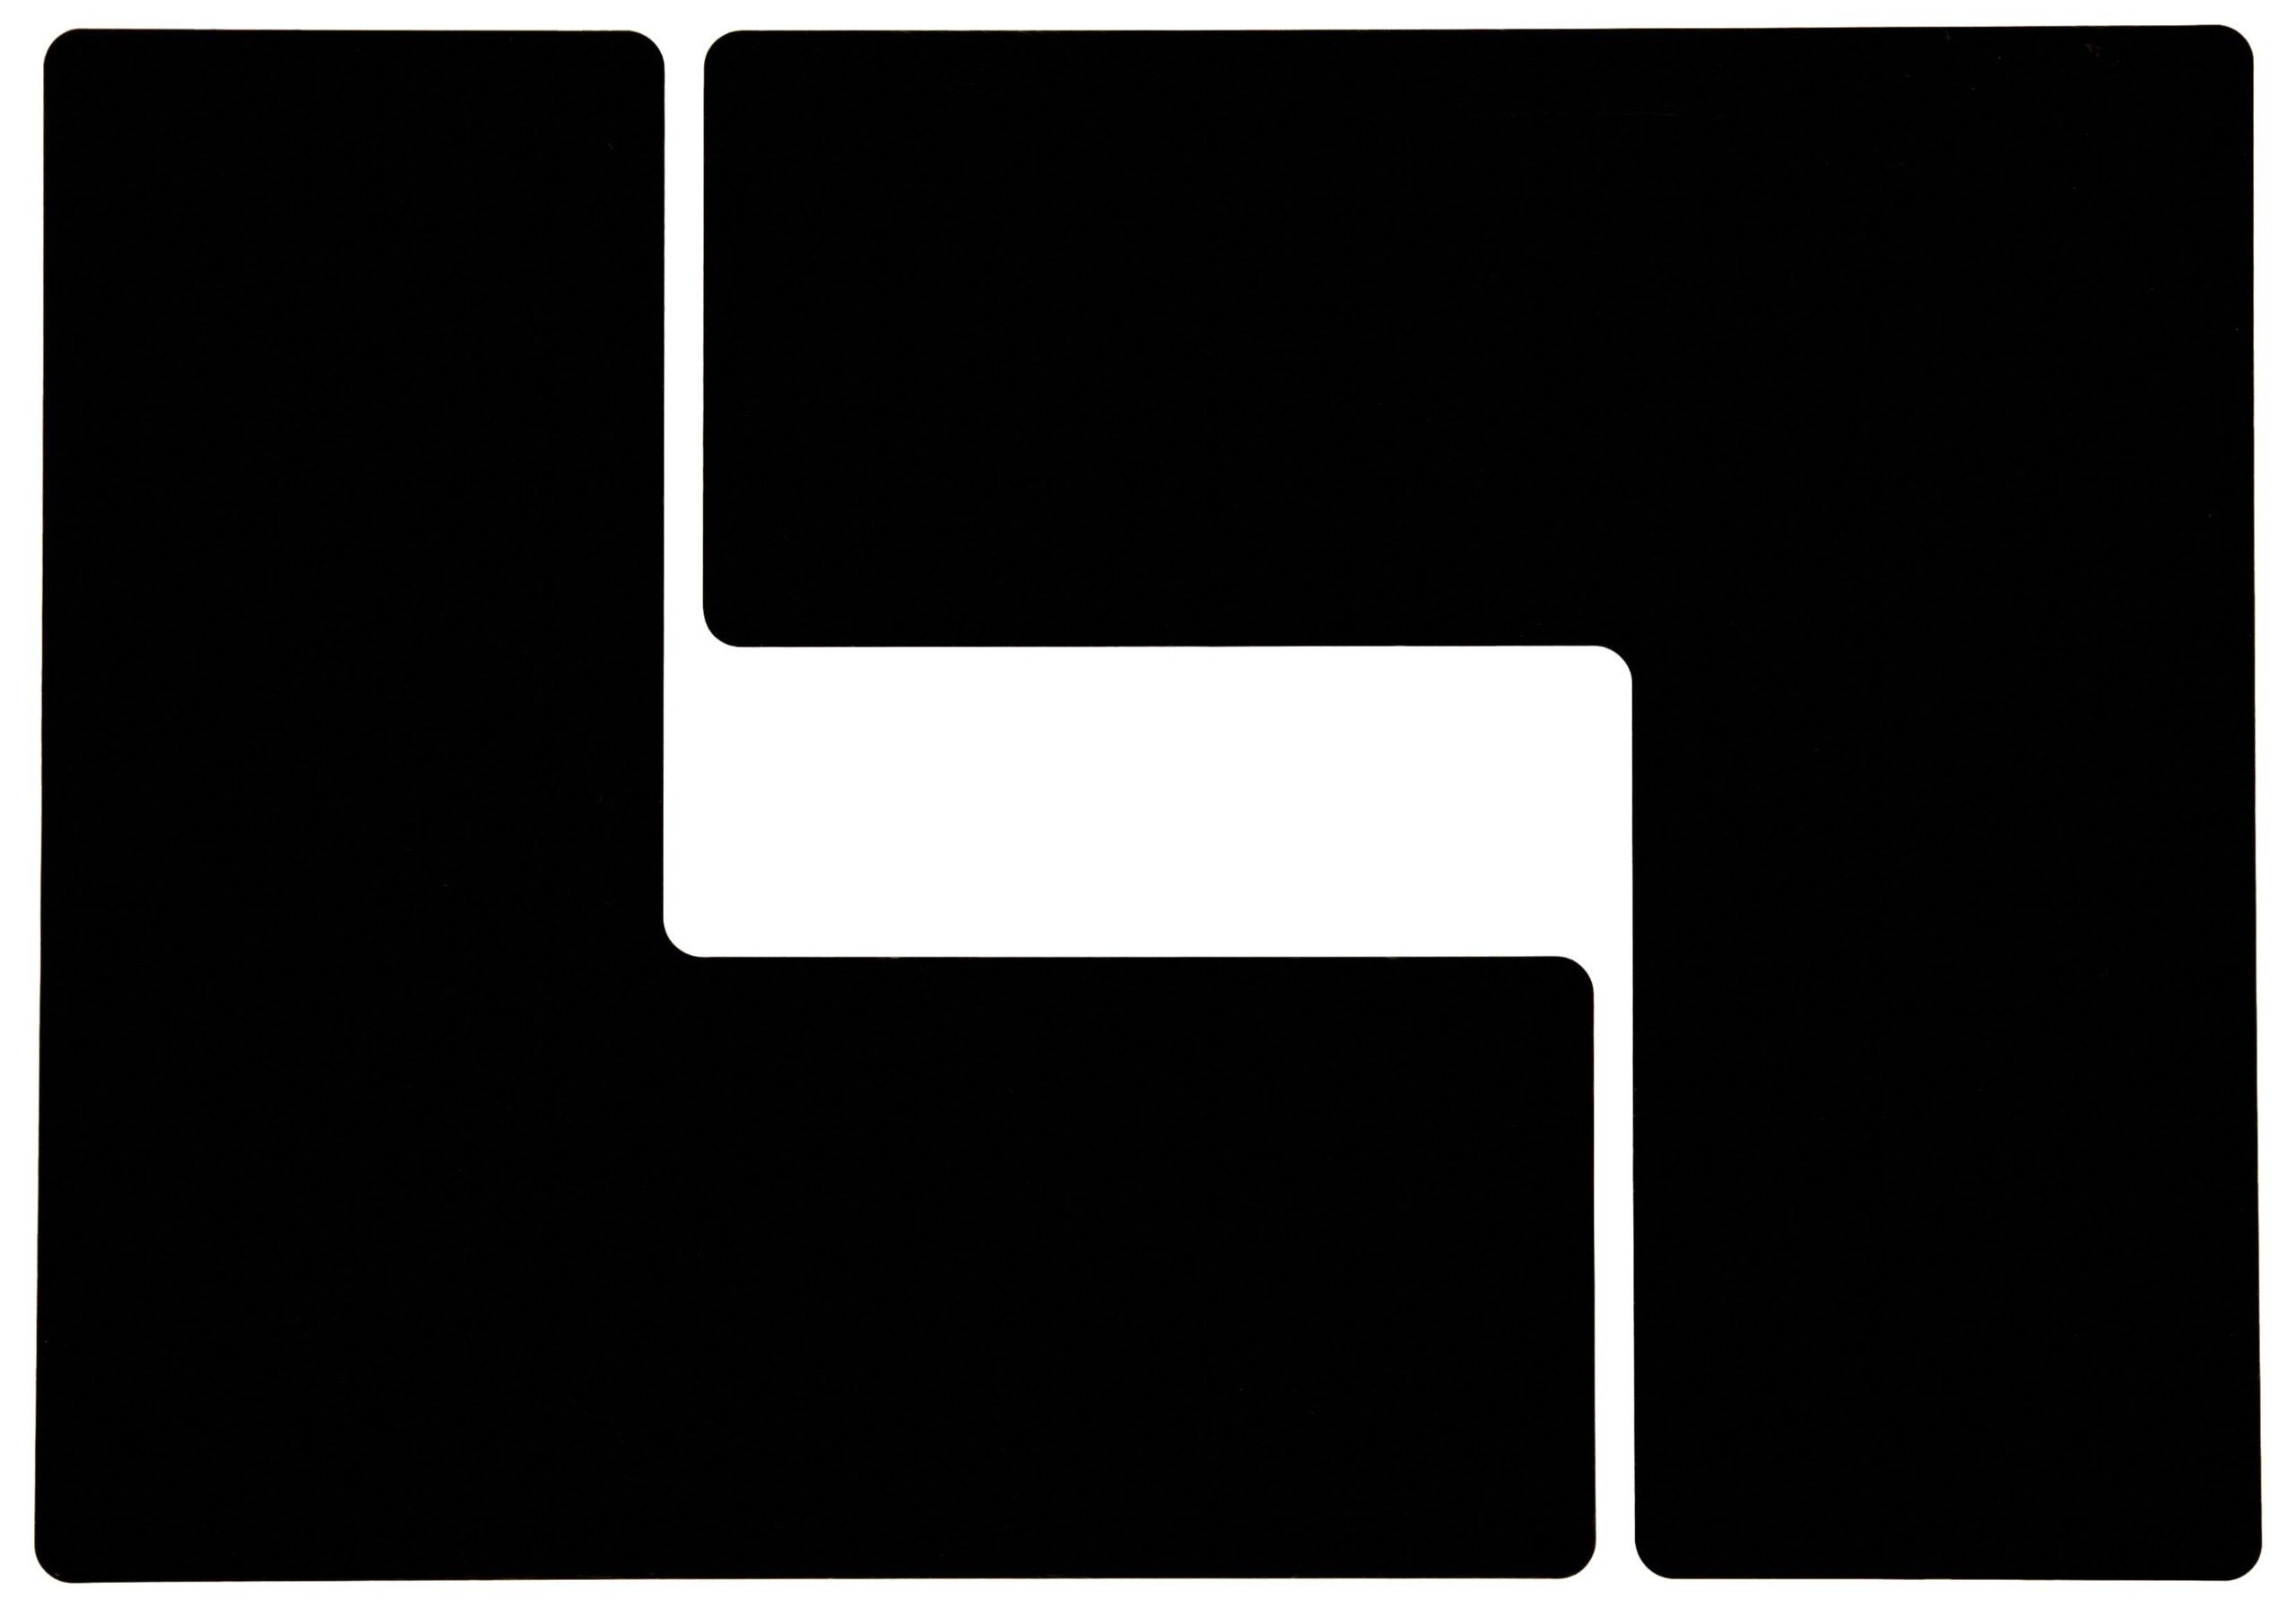 Brady ToughStripe Nonabrasive  L Shape Floor Marking Tape, 10'' Length, 4'' Width, Black (Pack of 20 per Roll)